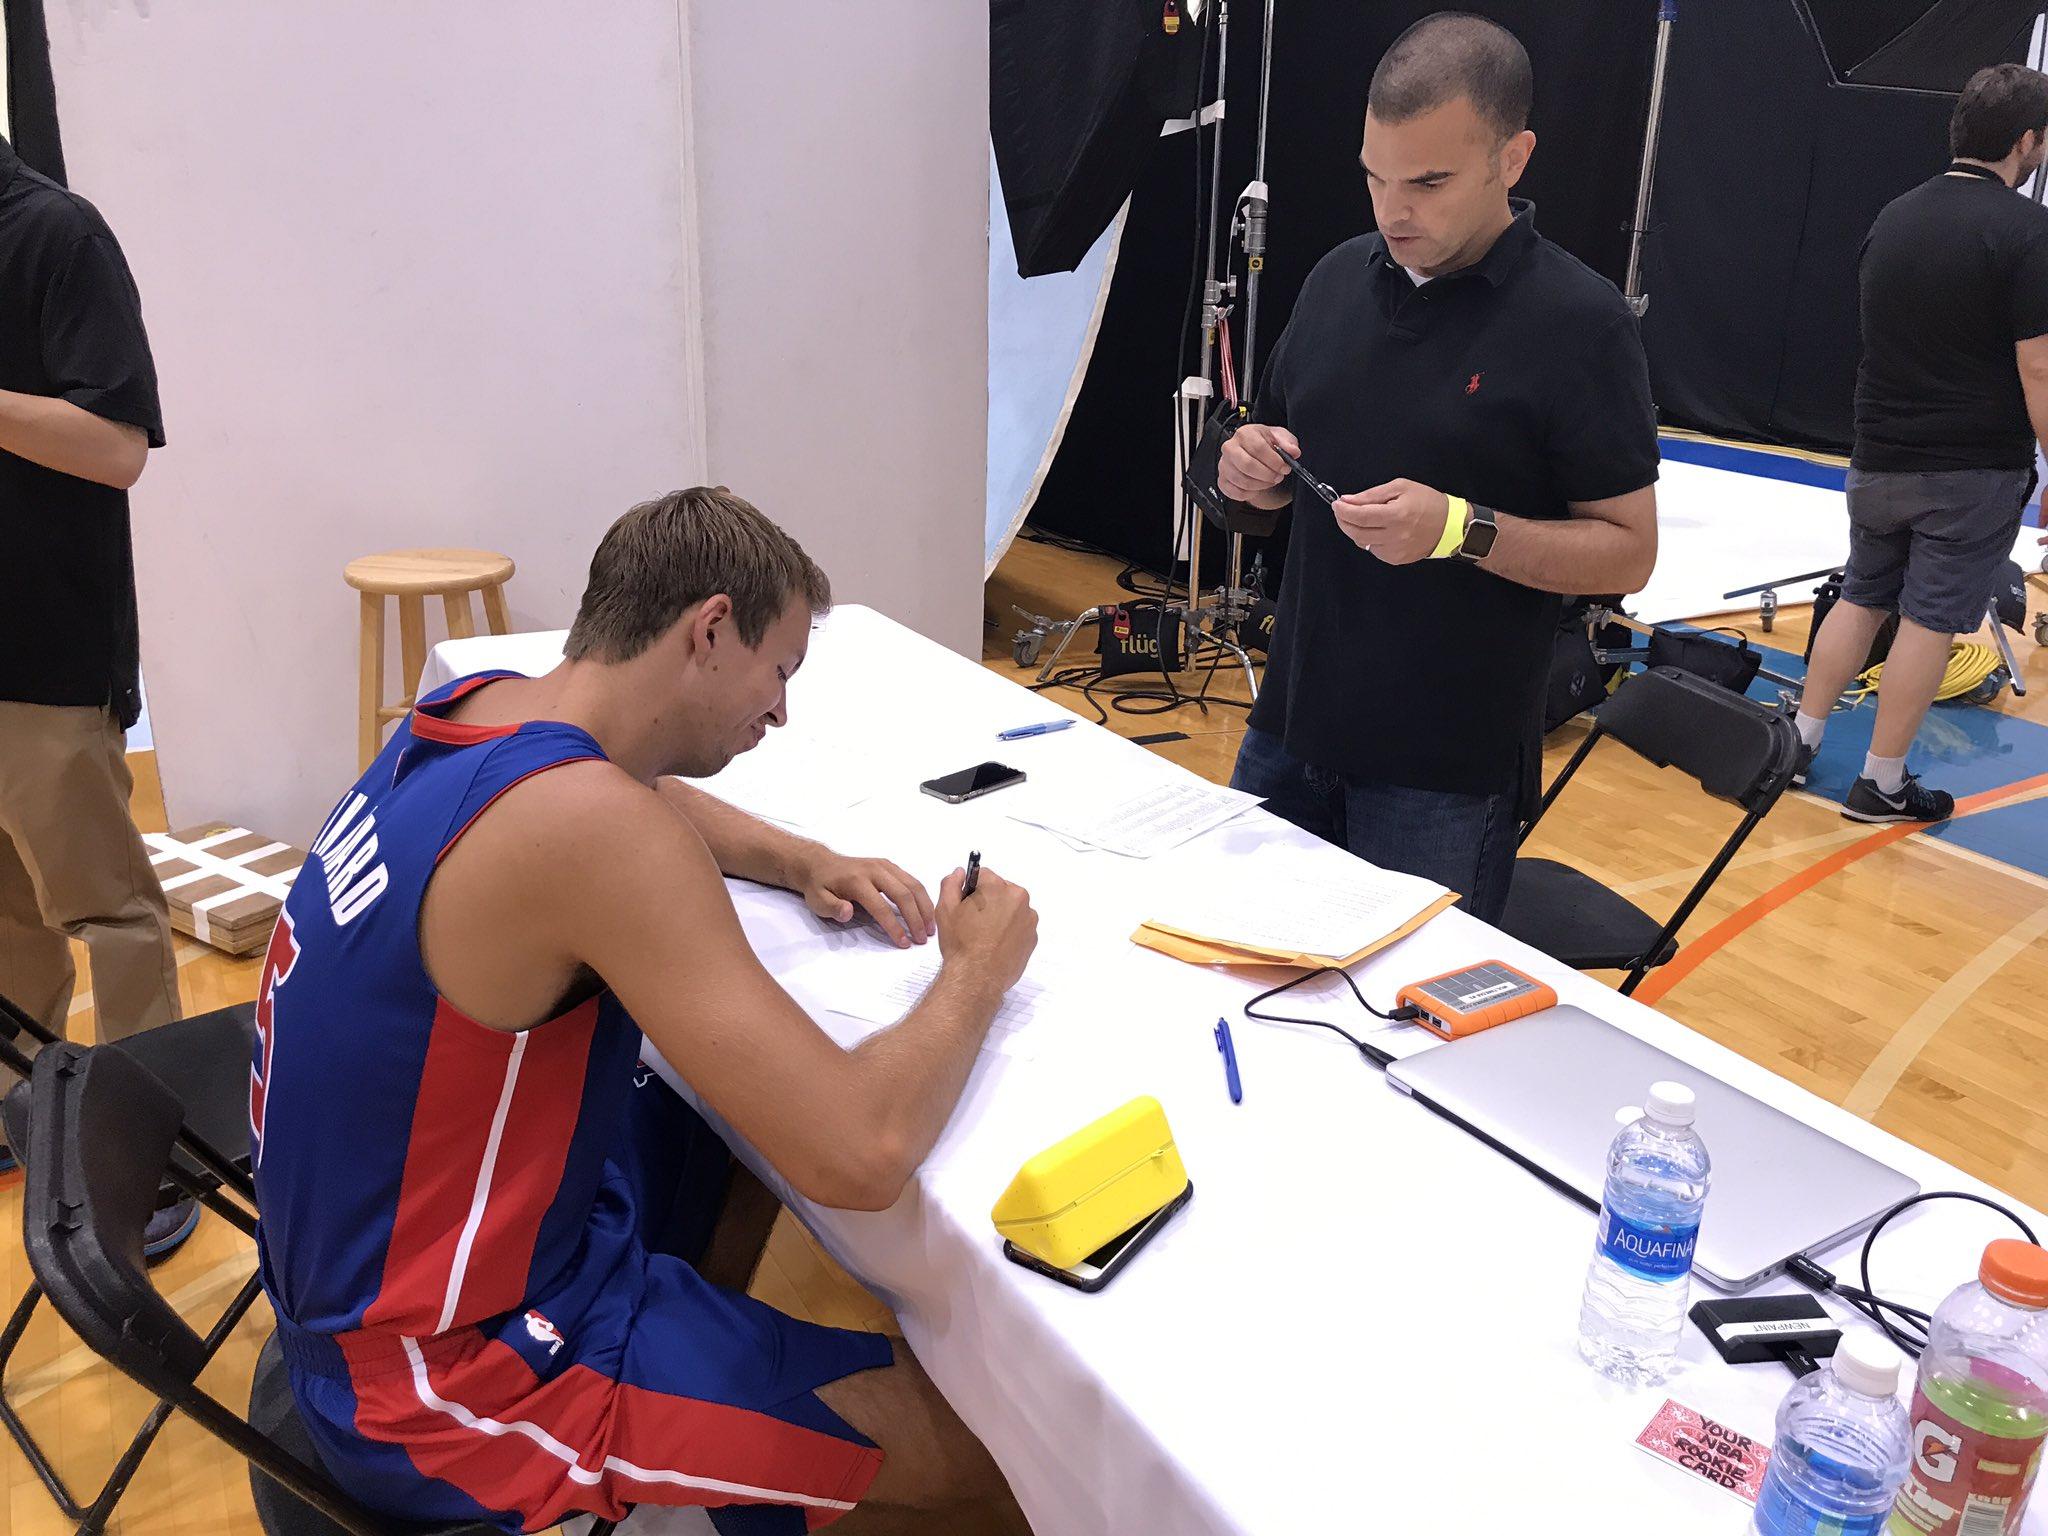 Detroit's @LukeKennard5 fills out the 2017 @NBAcom Rookie Survey for @johnschuhmann. https://t.co/xC1h9dsndX